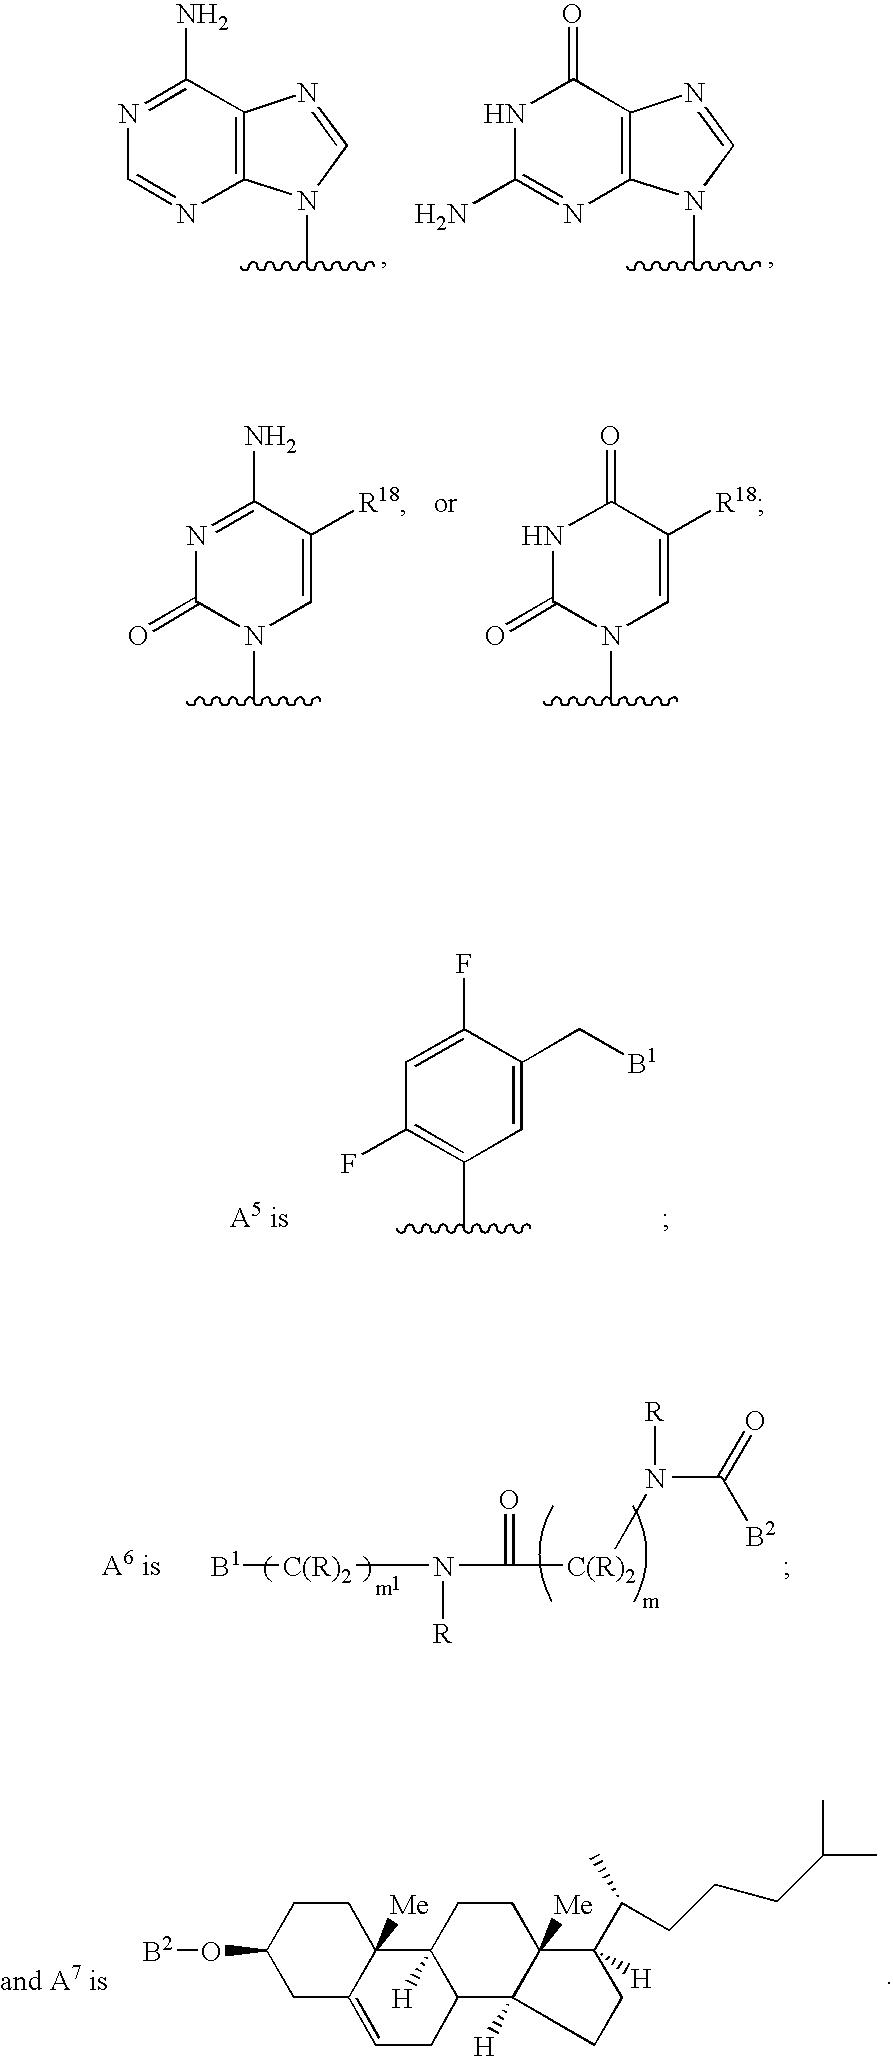 Figure US07632932-20091215-C00044